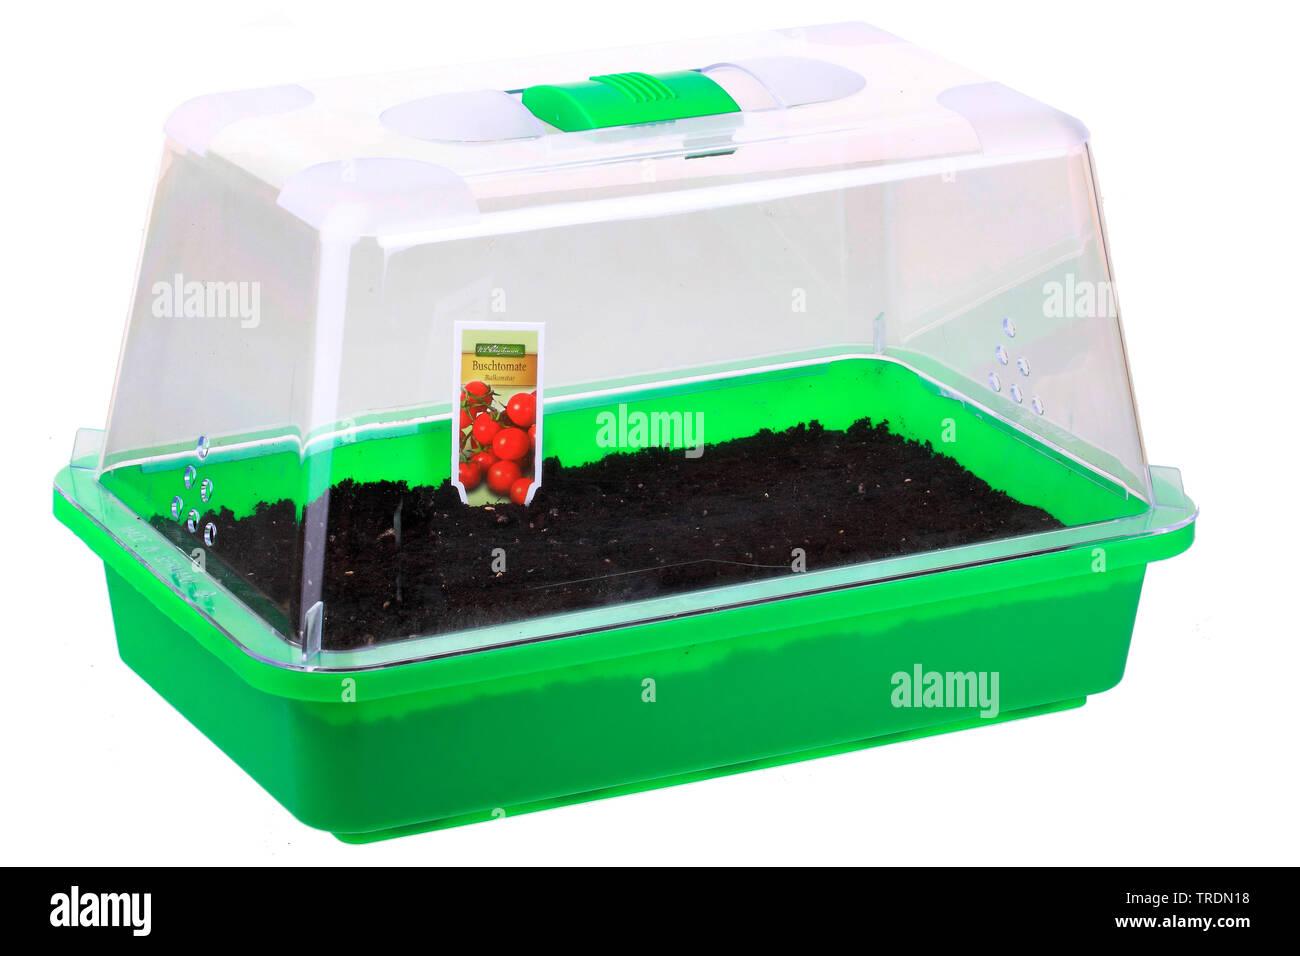 Tomate, Strauchtomate (Lycopersicon lycopersicum), Tomaten, ausgesaet in einer Anzuchtschale, Deutschland | tomato (Lycopersicon lycopersicum), sowing - Stock Image